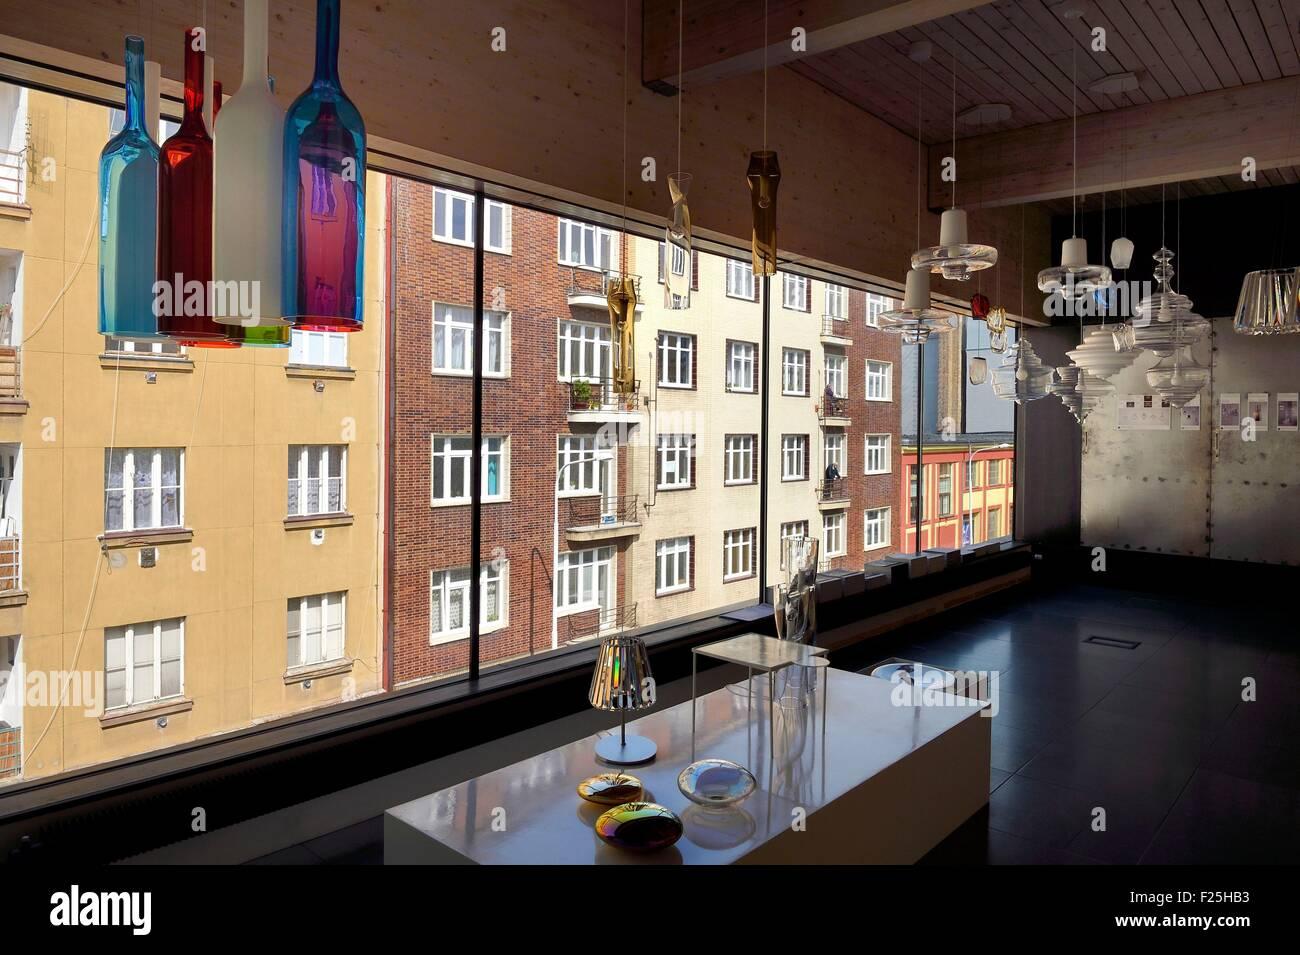 República Checa, Praga, cristalería Lasvit show room, brillo Imagen De Stock